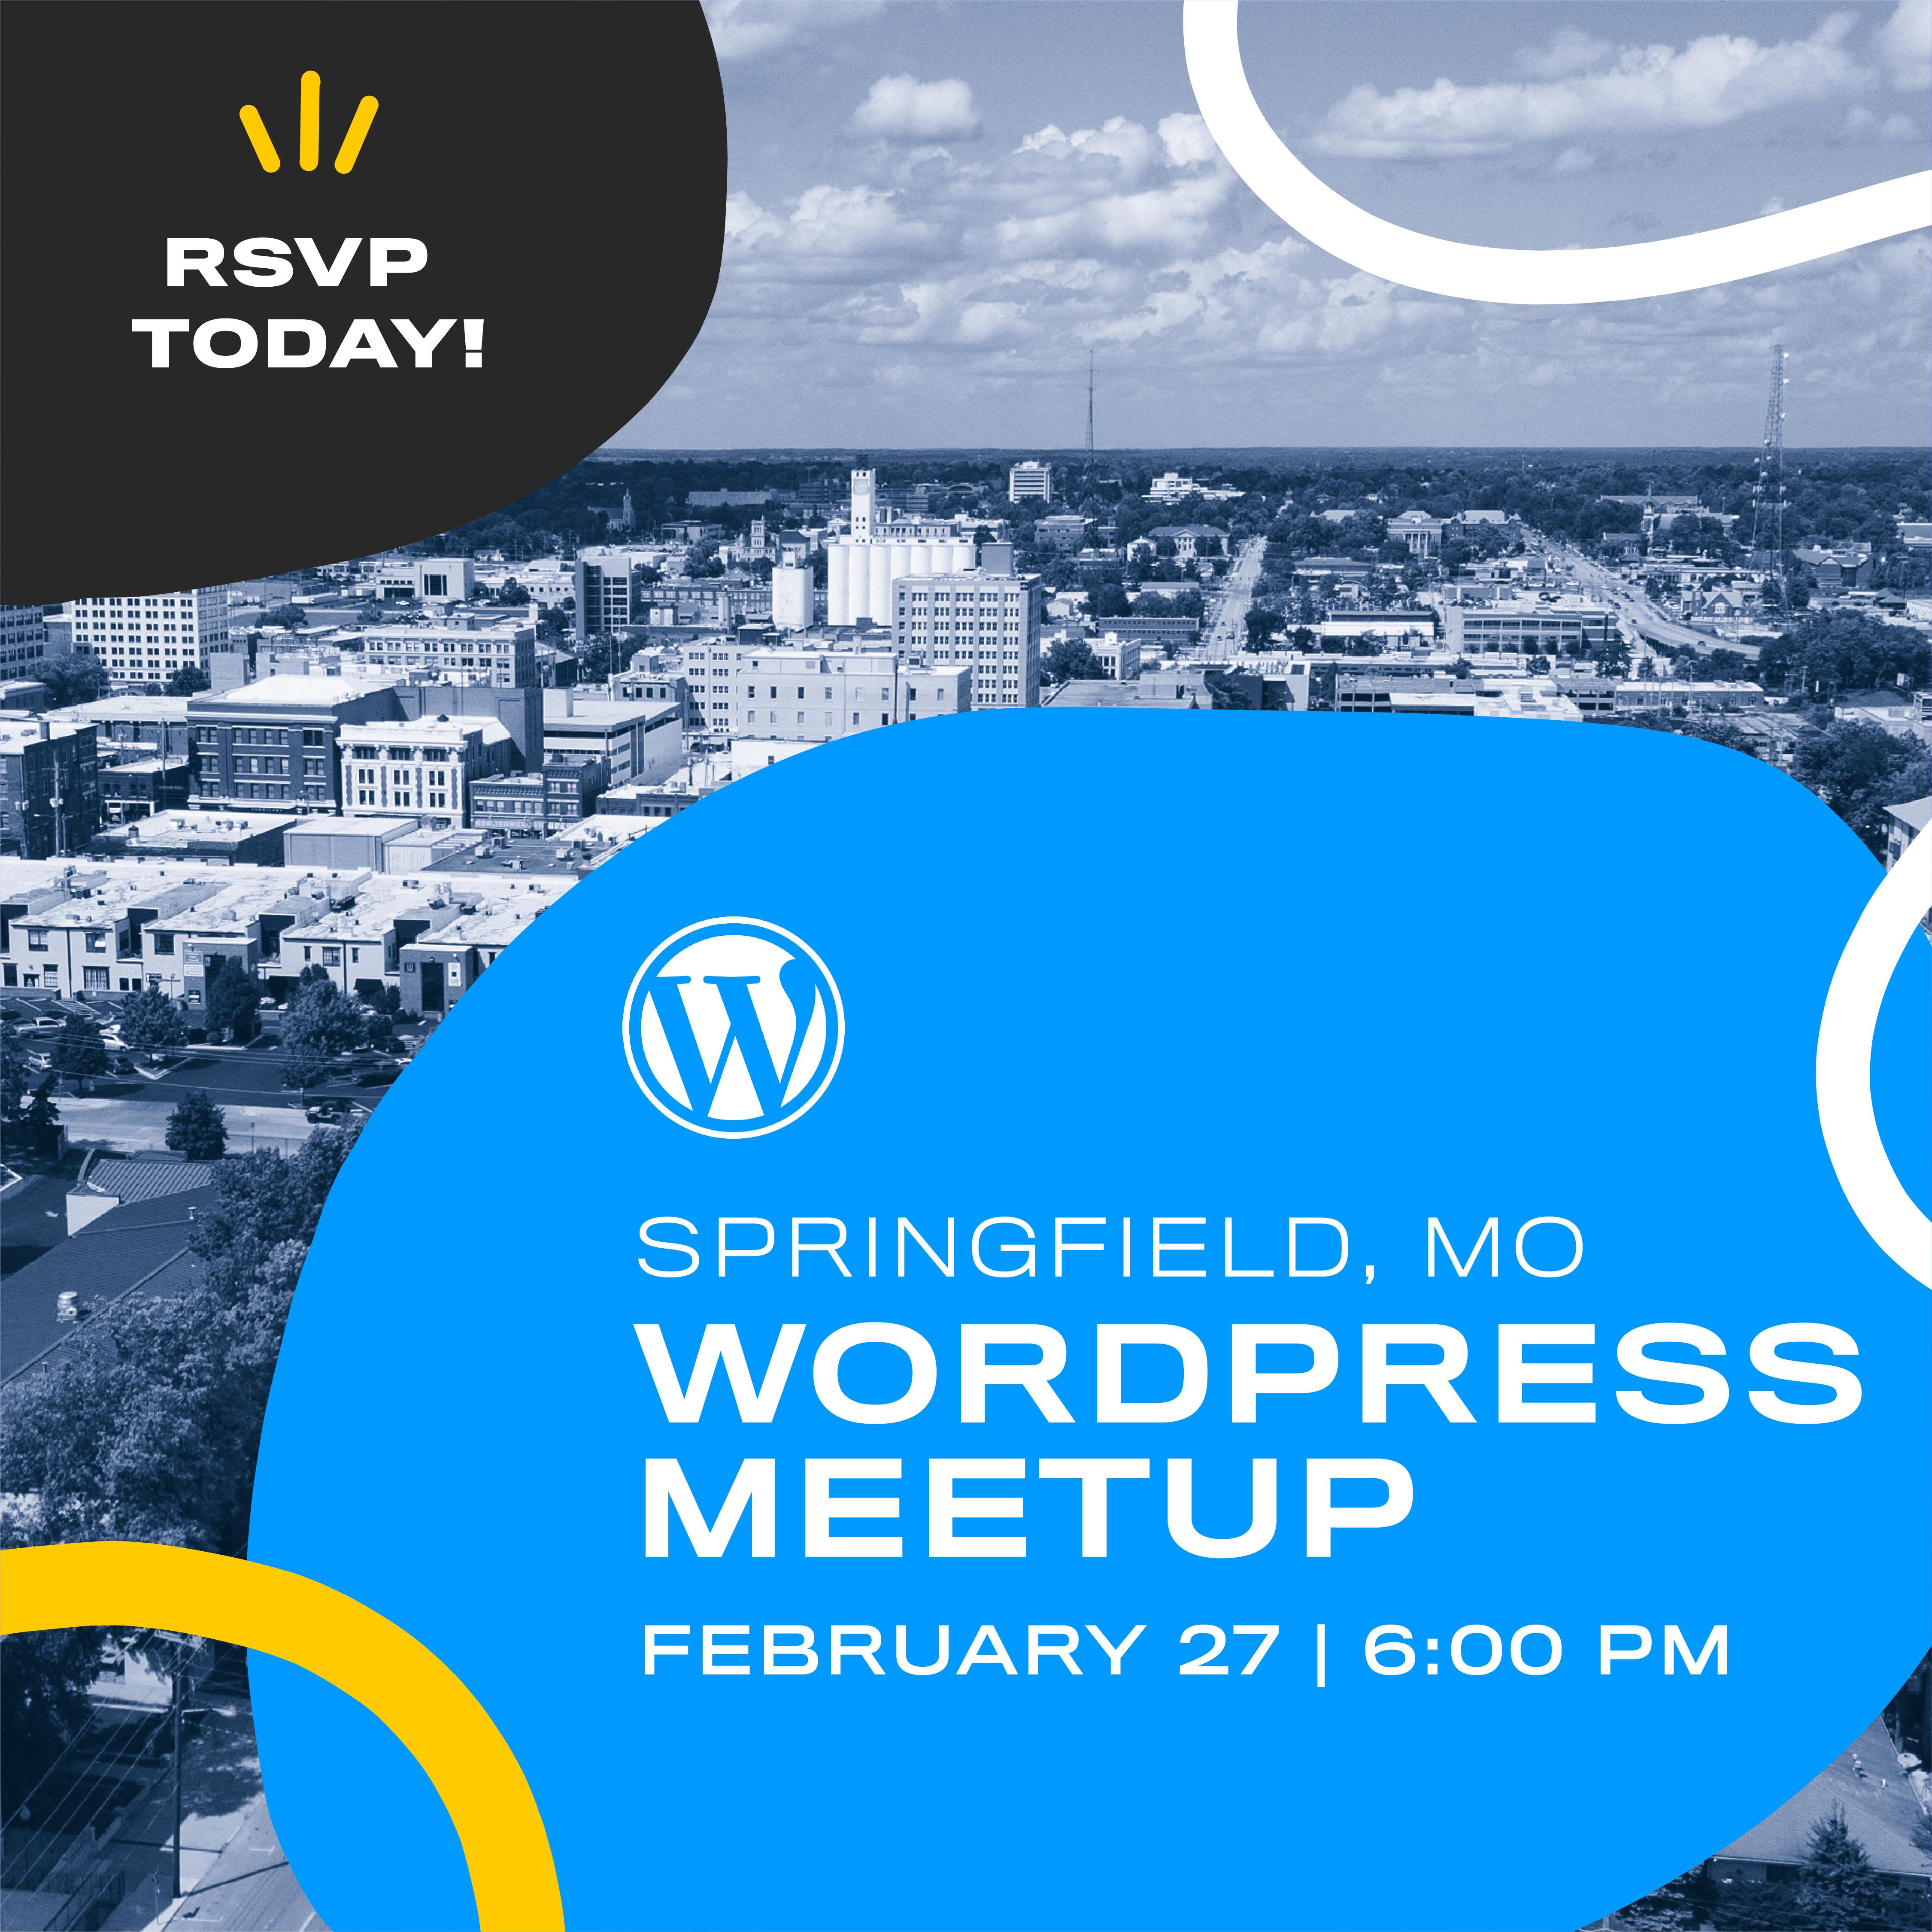 WordPress meeting in Springfield, MO